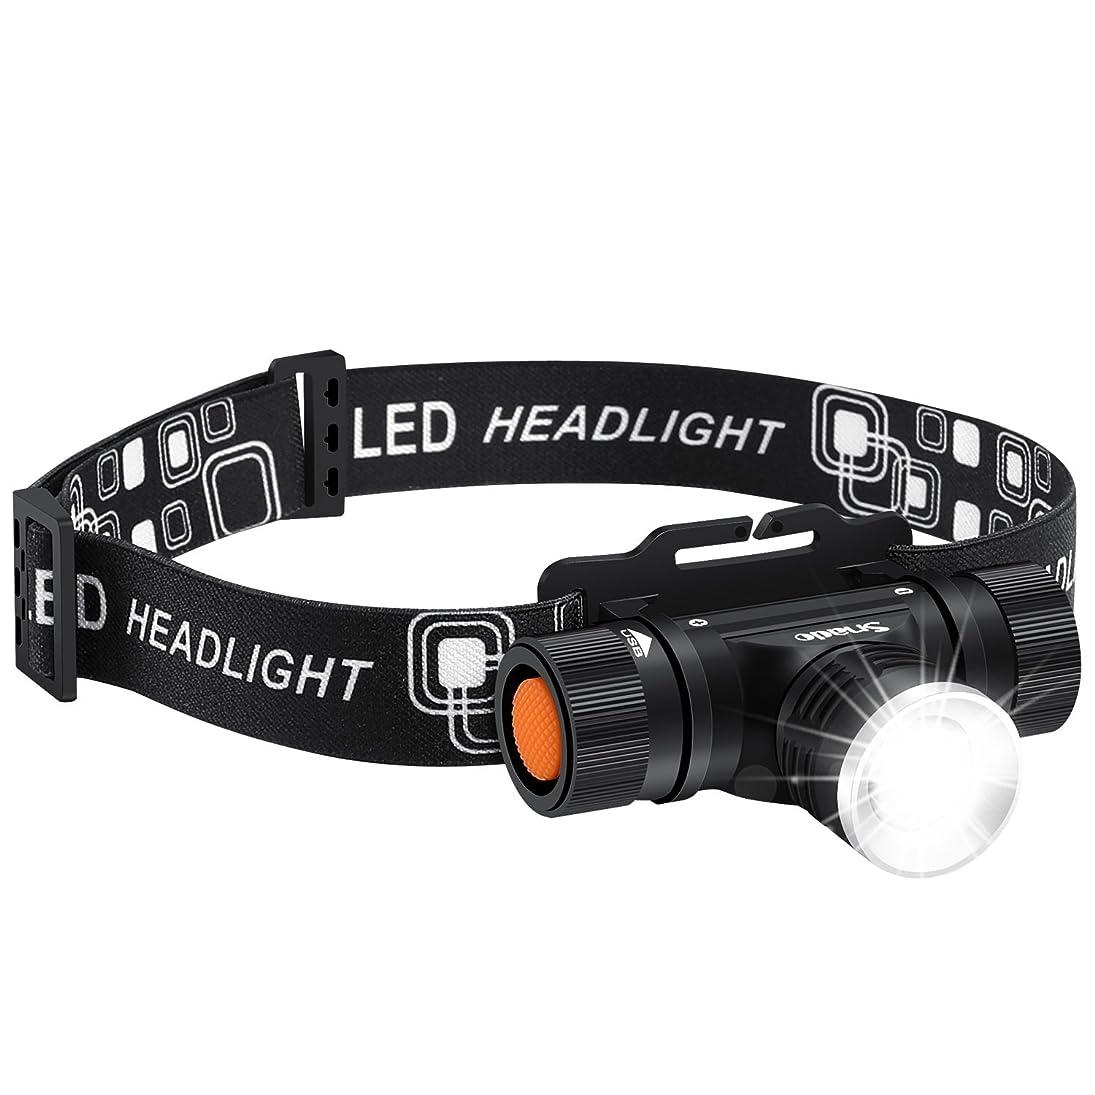 絶縁する奨励近代化するLEDヘッドライト Snado超高輝度 2000ルーメン 充電式 防水仕様 18650 3段階の点灯モード 登山 夜釣り アウトドア作業 SOSフラッシュ機能